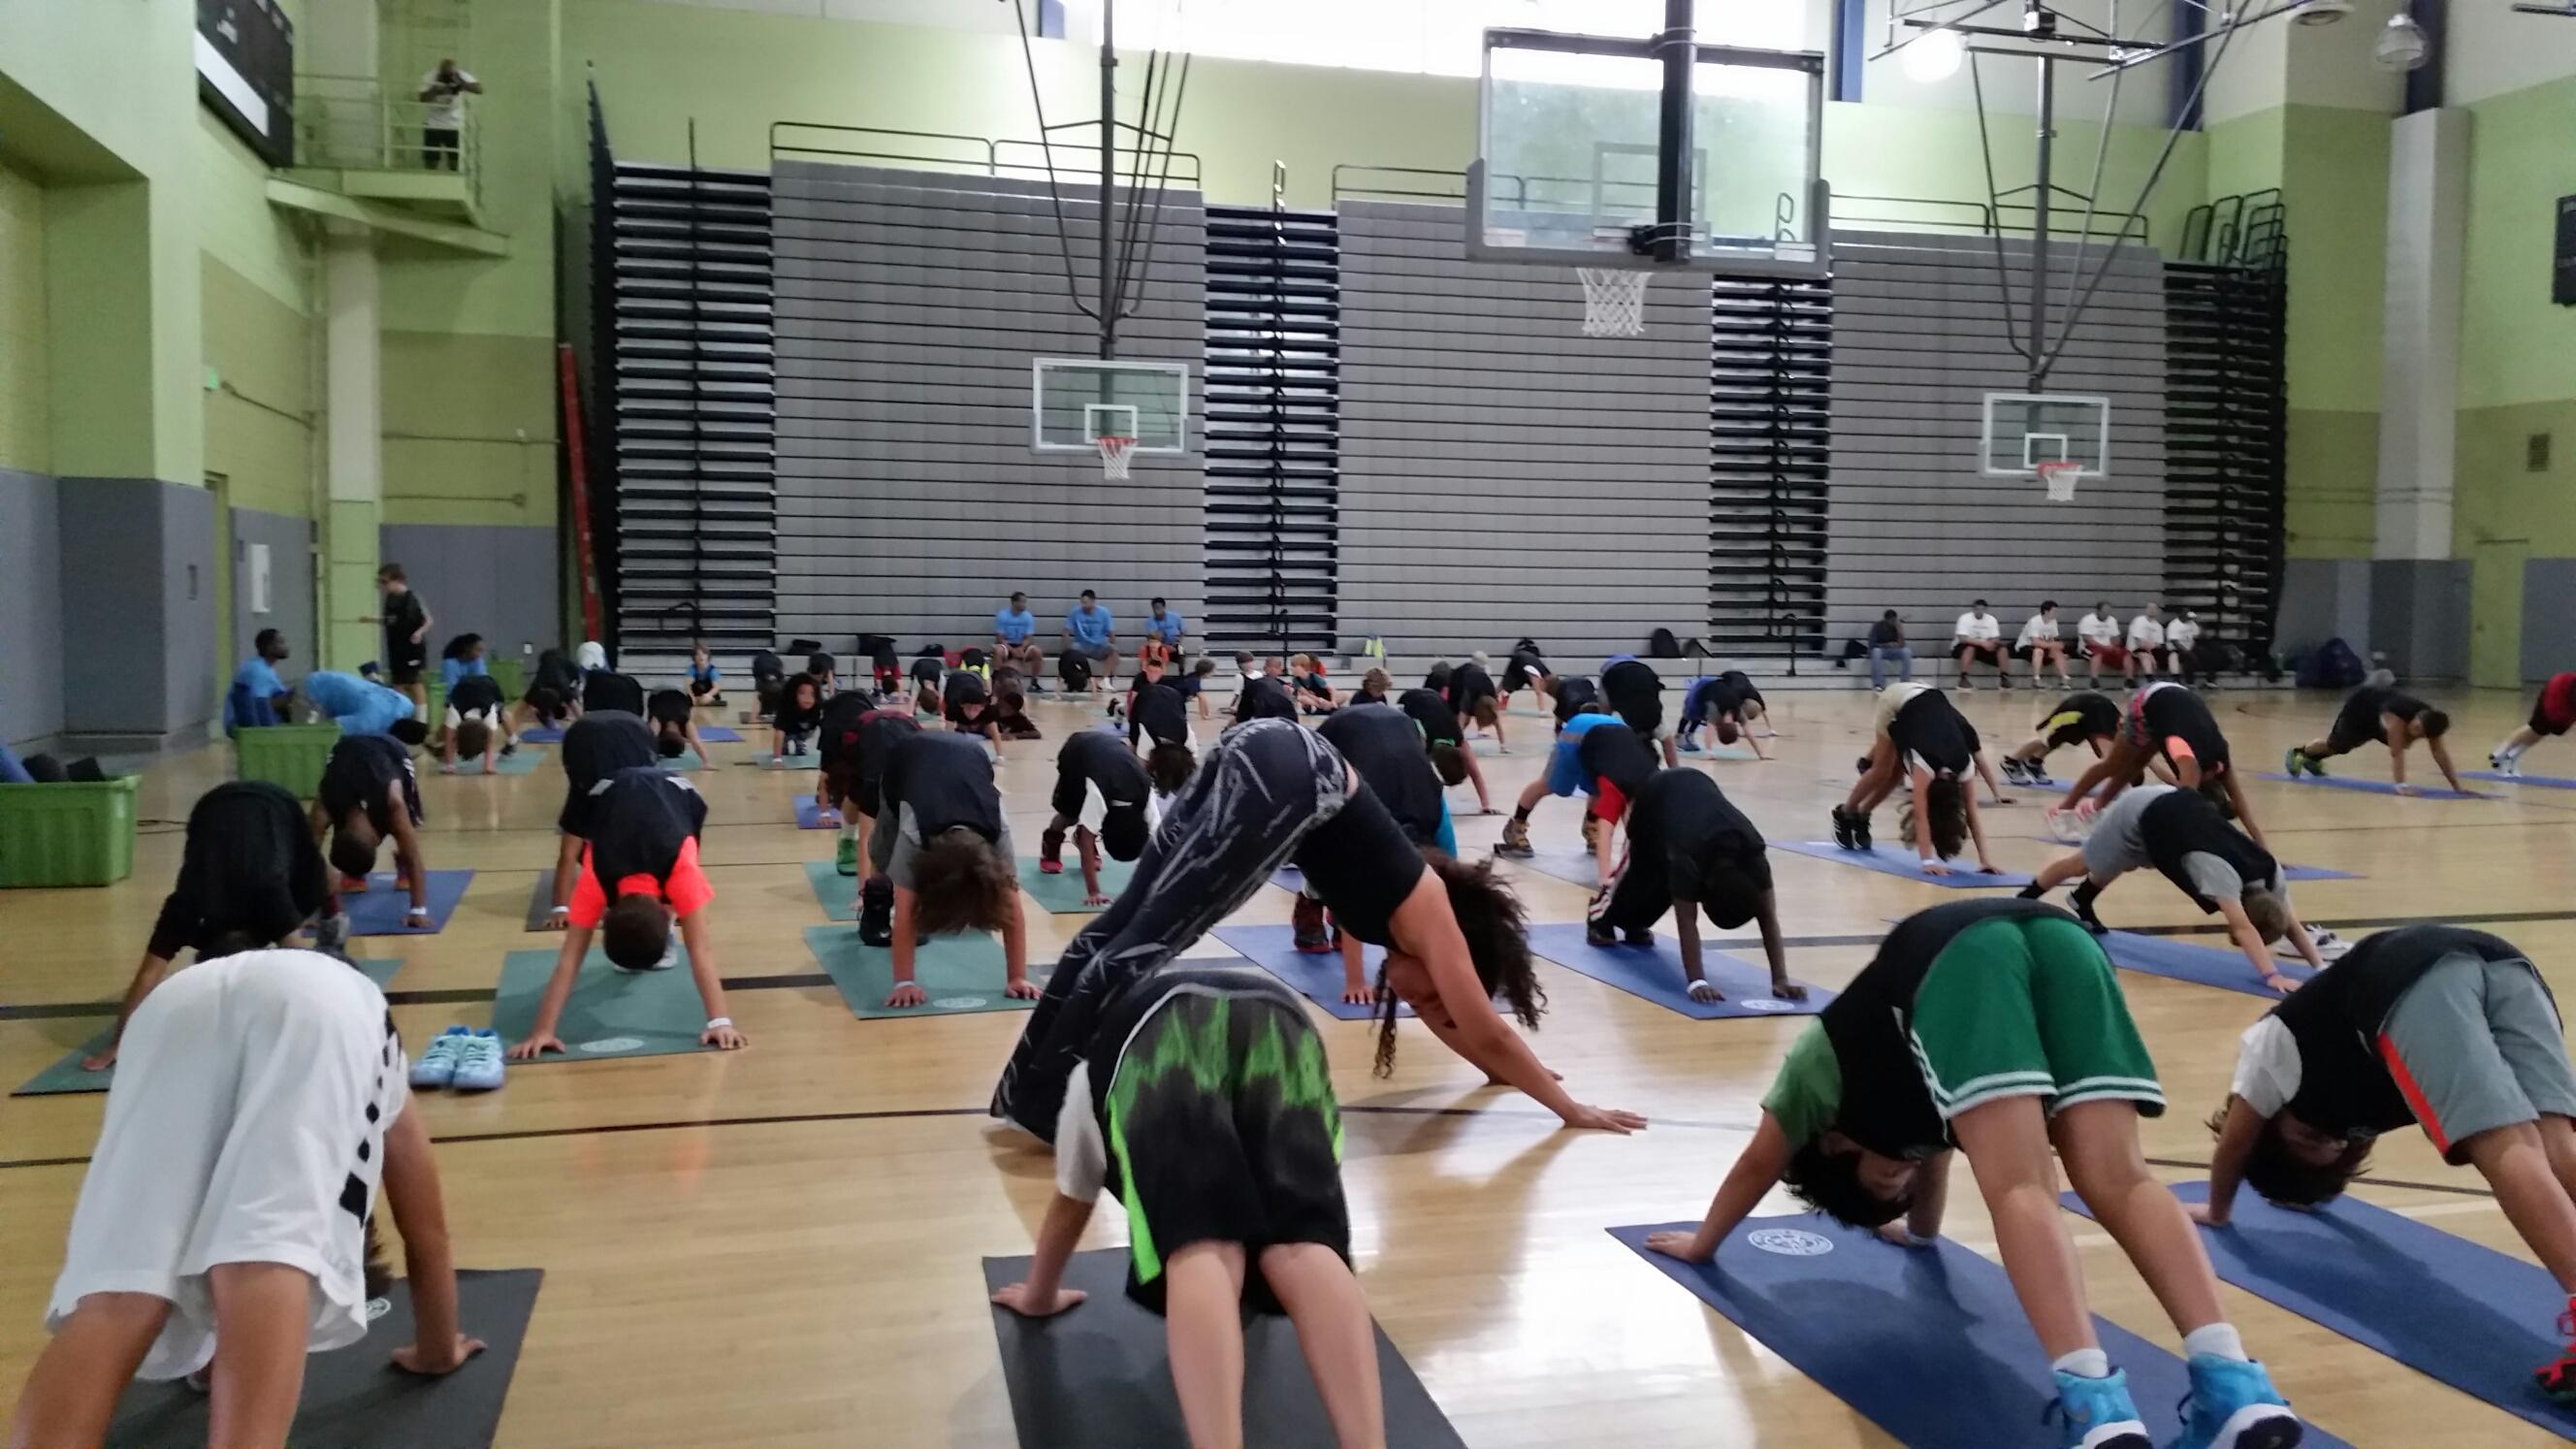 YogaWorks at Jordan Farmar's Hoop Farm